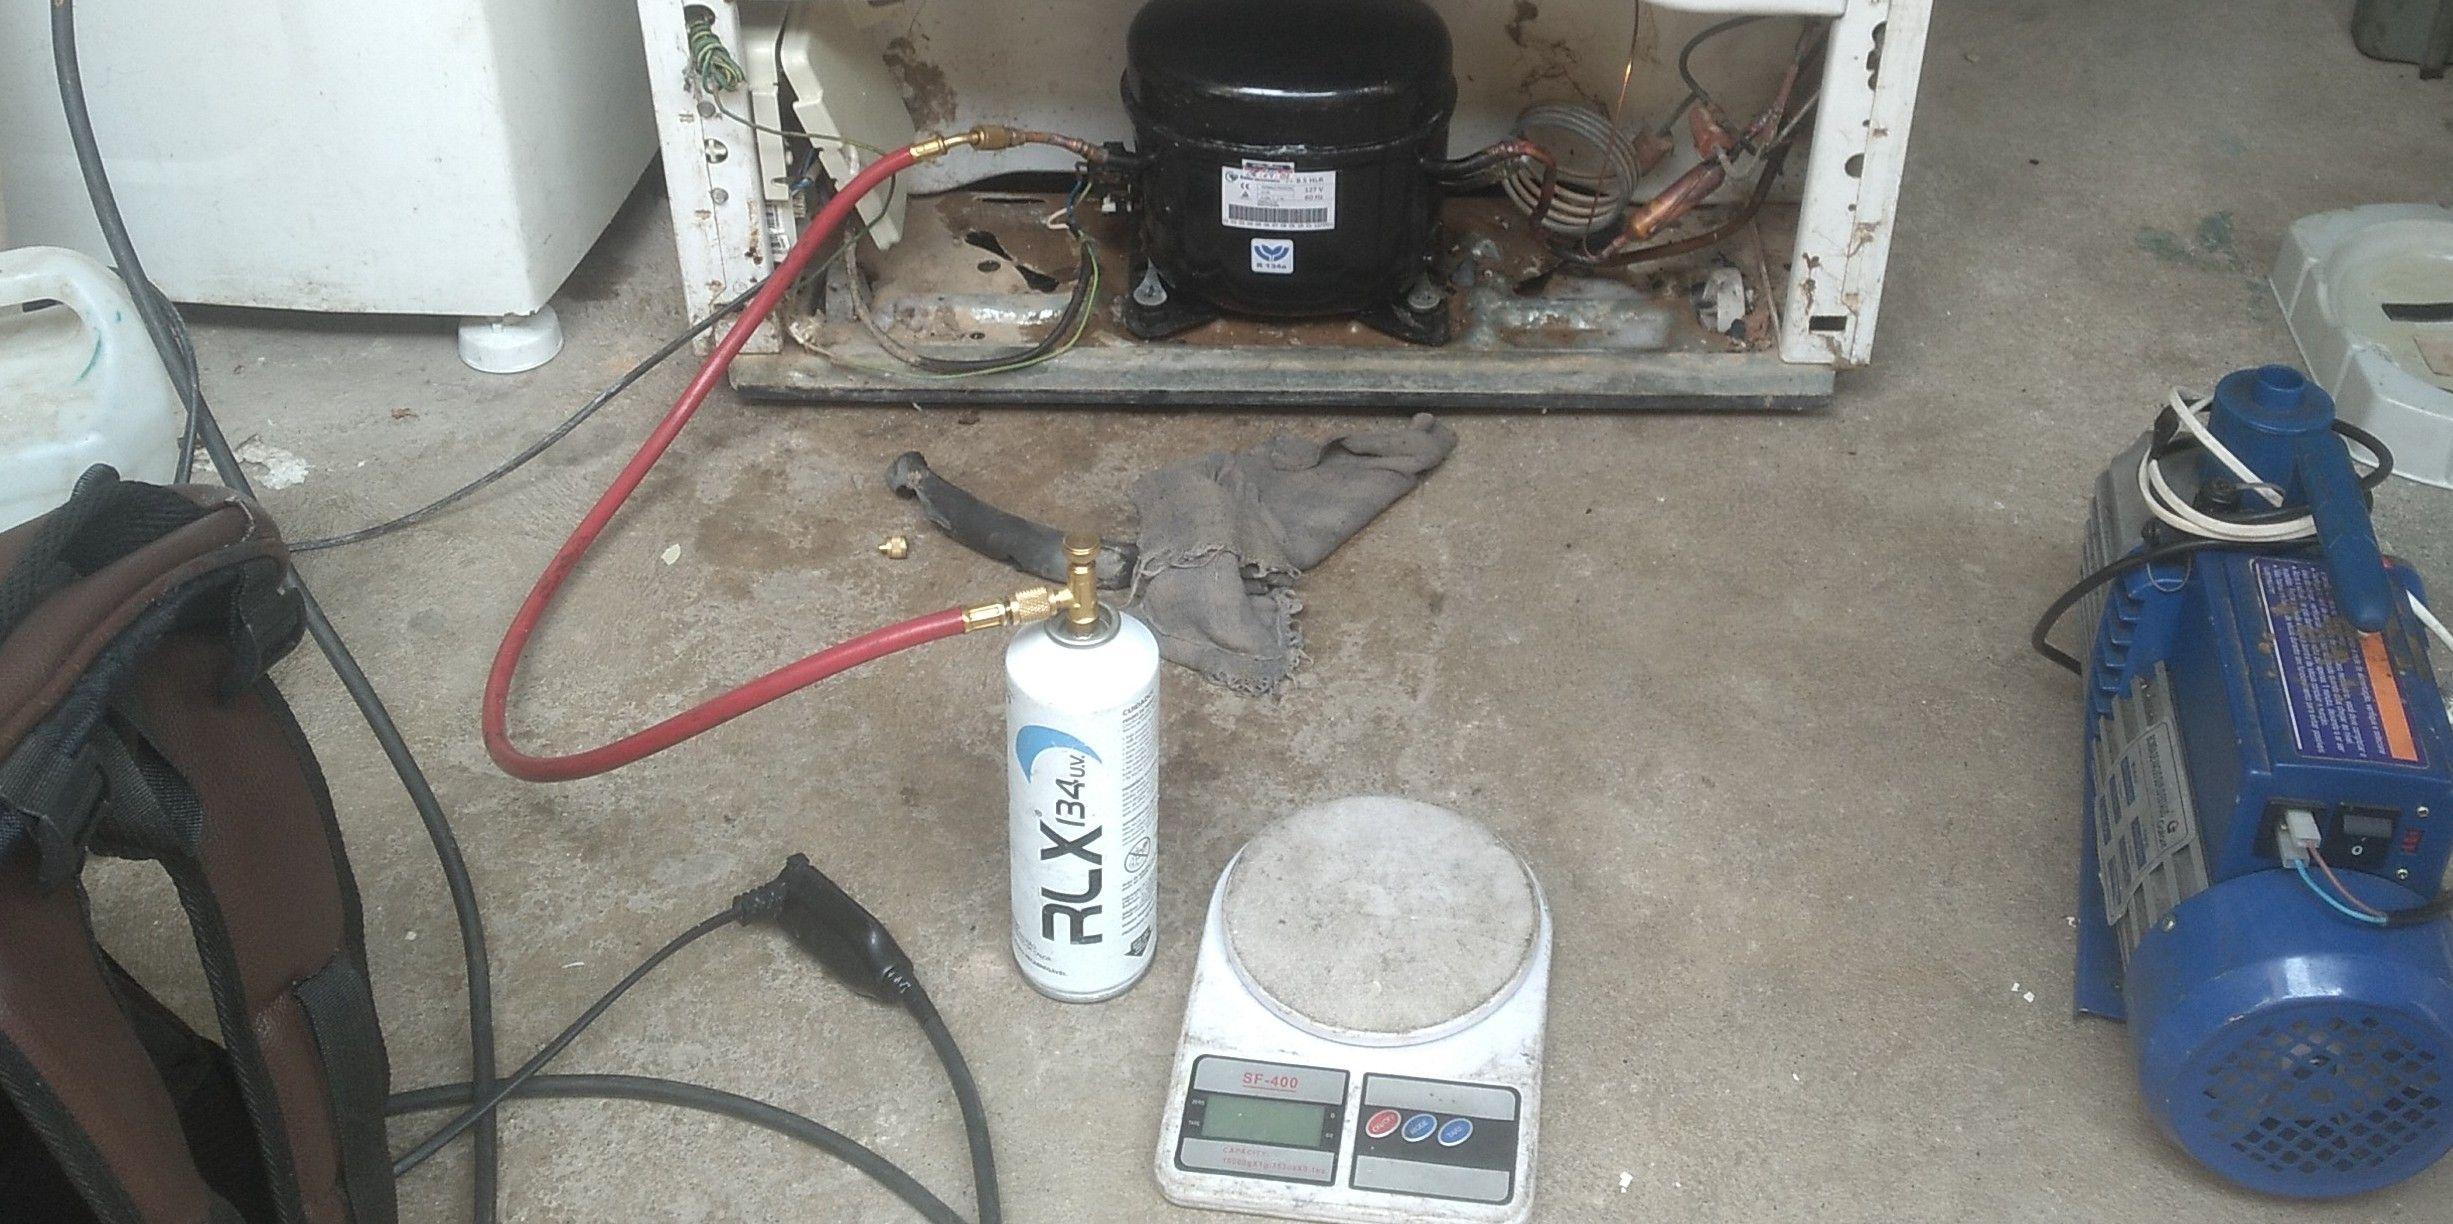 colocando gás em uma geladeira na casa de cliente